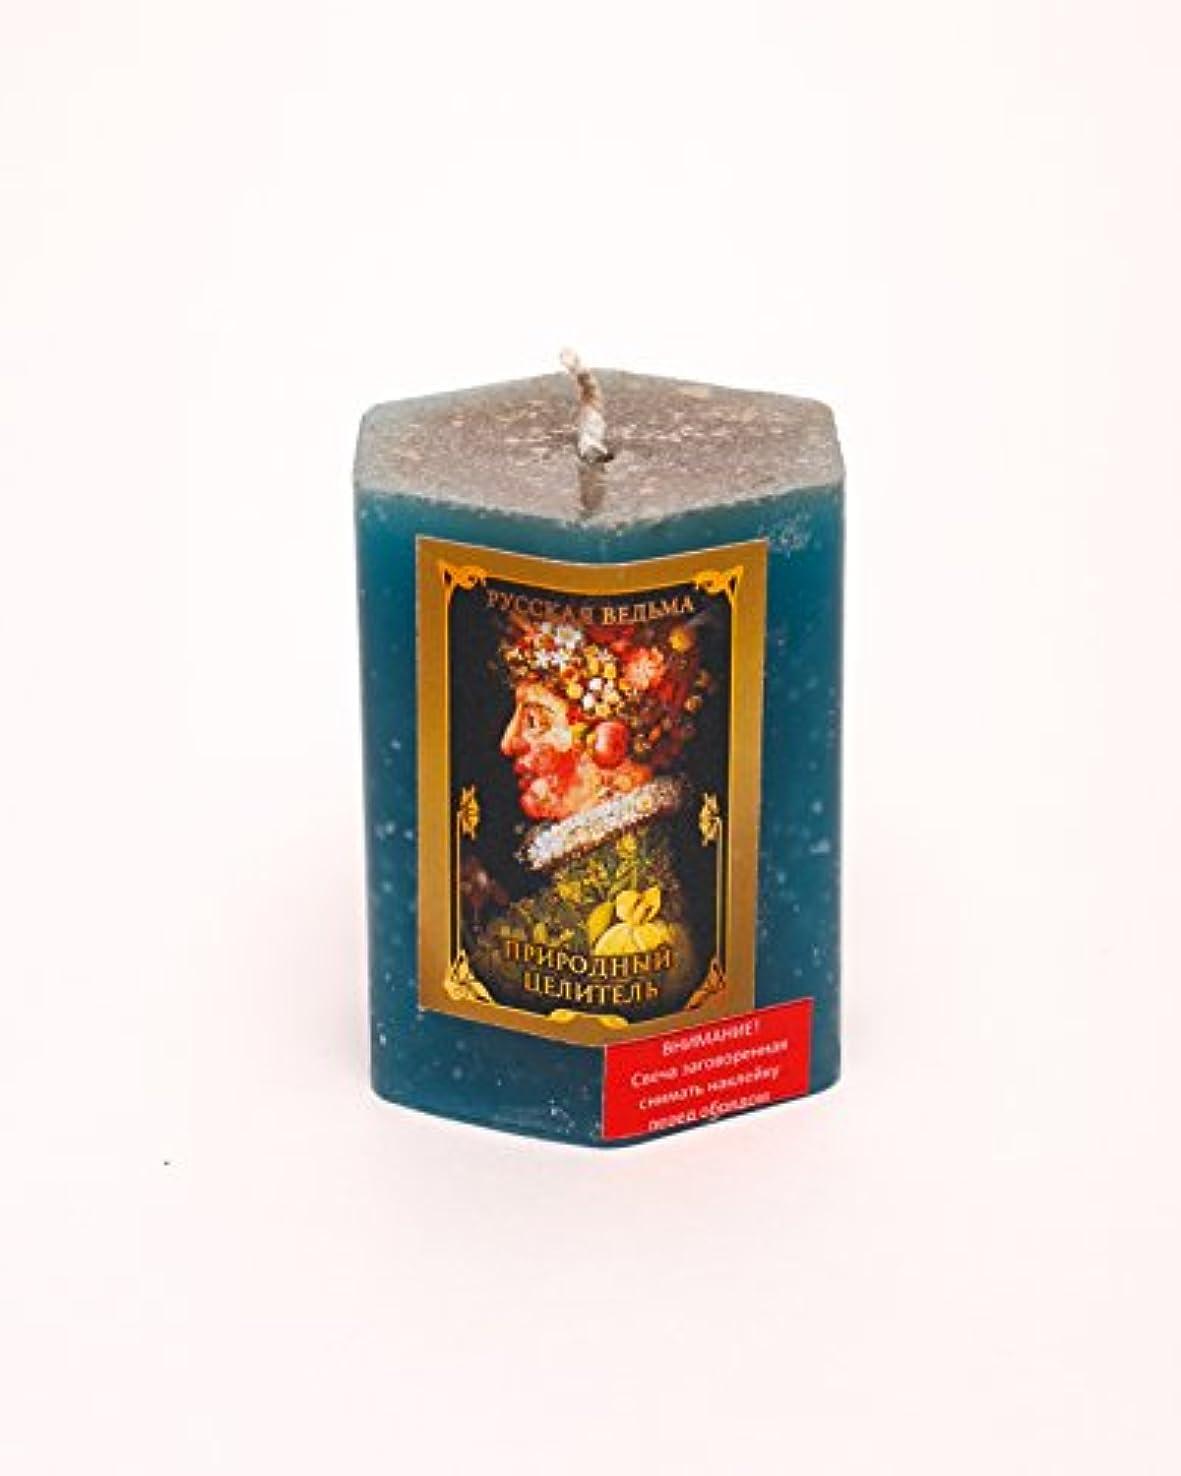 変える贅沢話をするナチュラルハーブHealer Candle Wicca Pagan